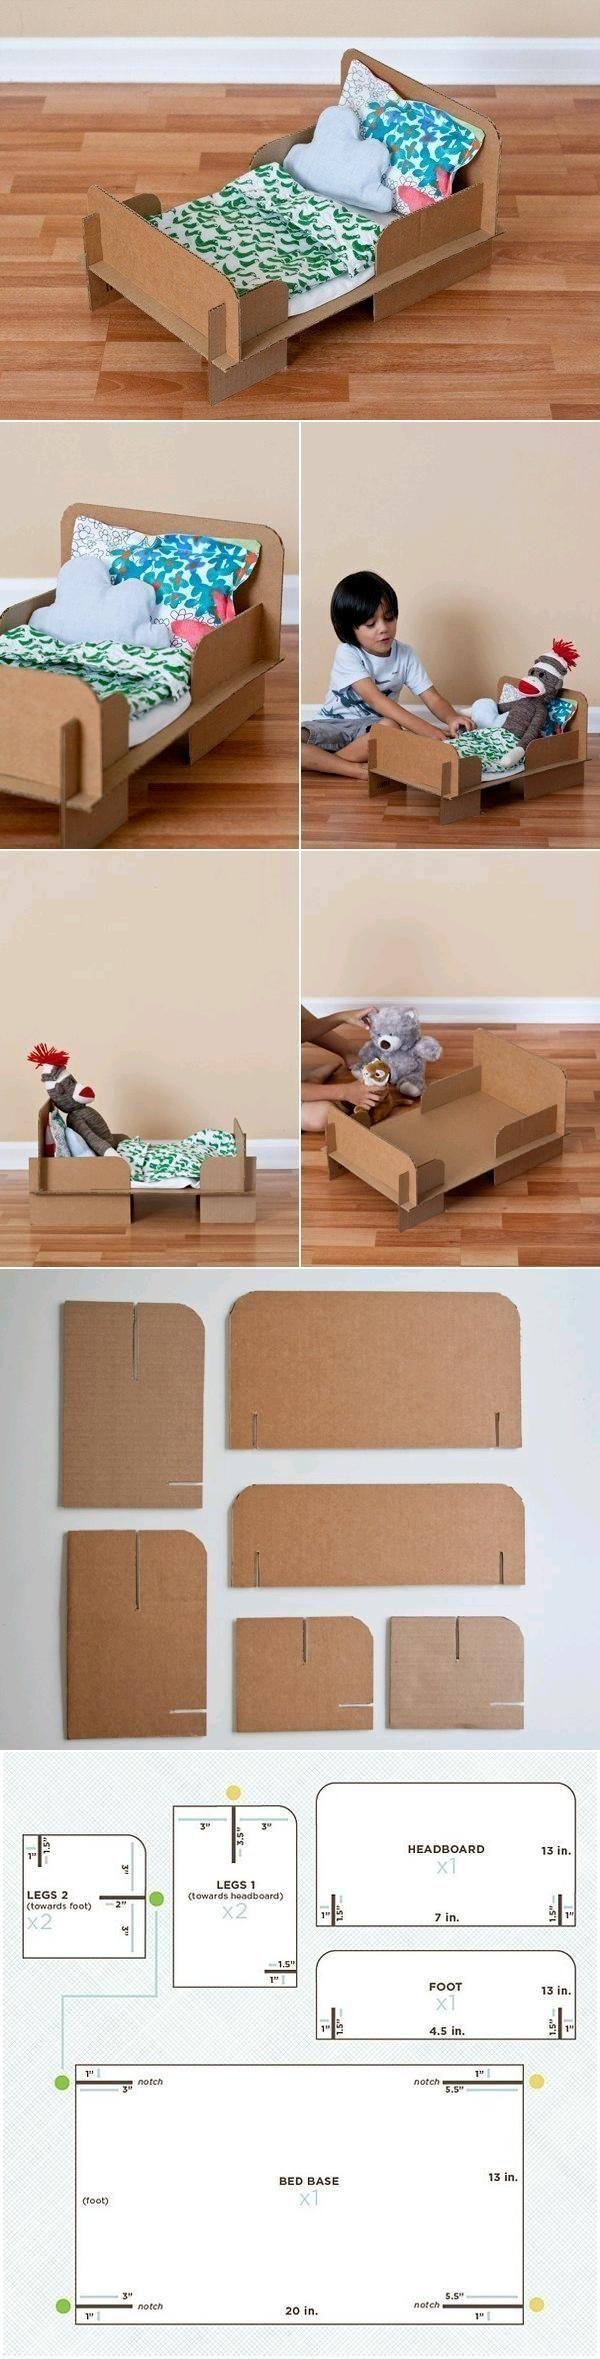 cama de juguete con carton DIY 1: